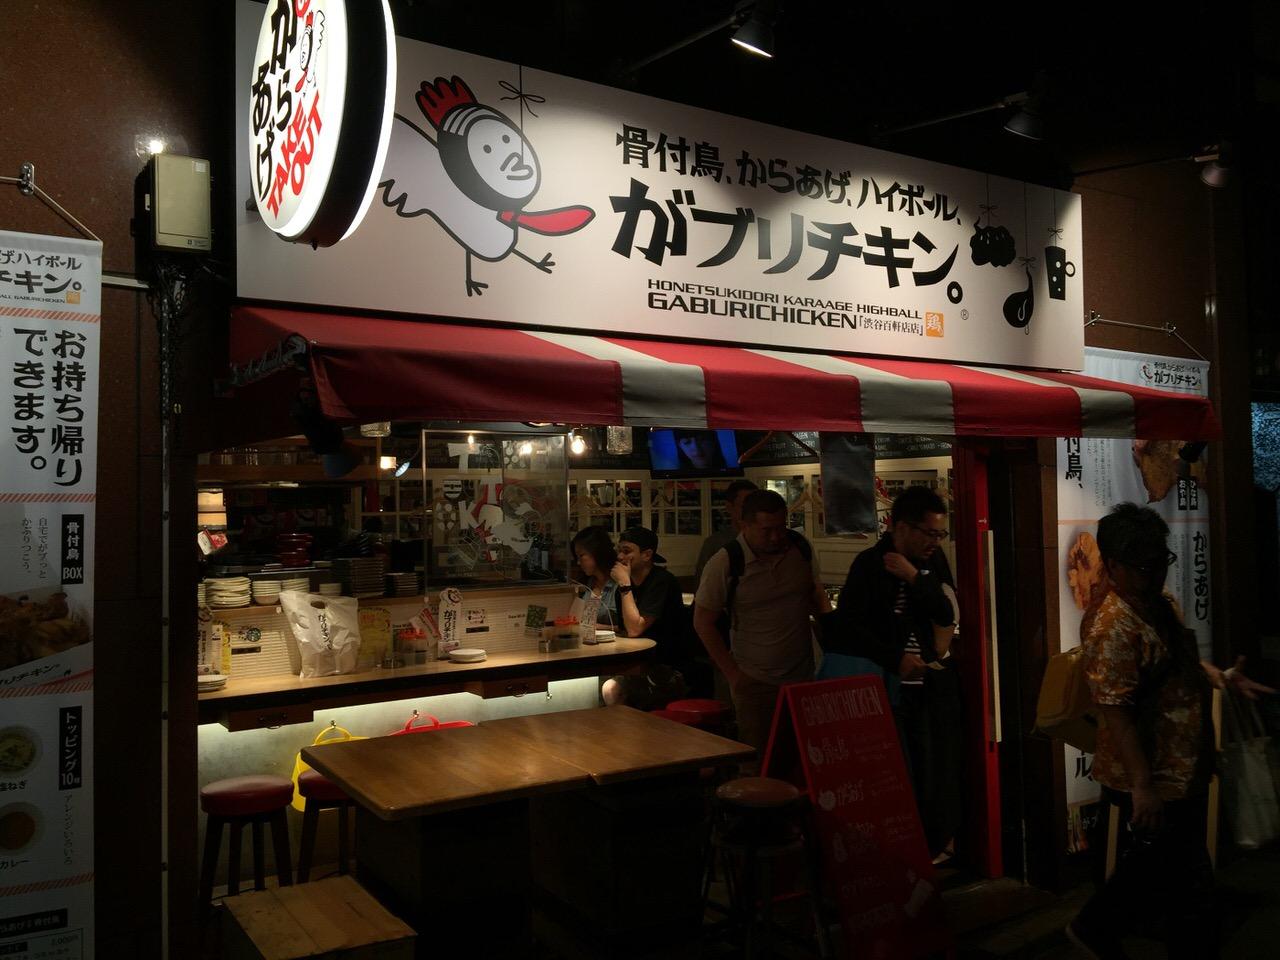 「がブリチキン。 渋谷百軒店店」熱熱で旨旨の唐揚げをハイボール呑みながらガブッた